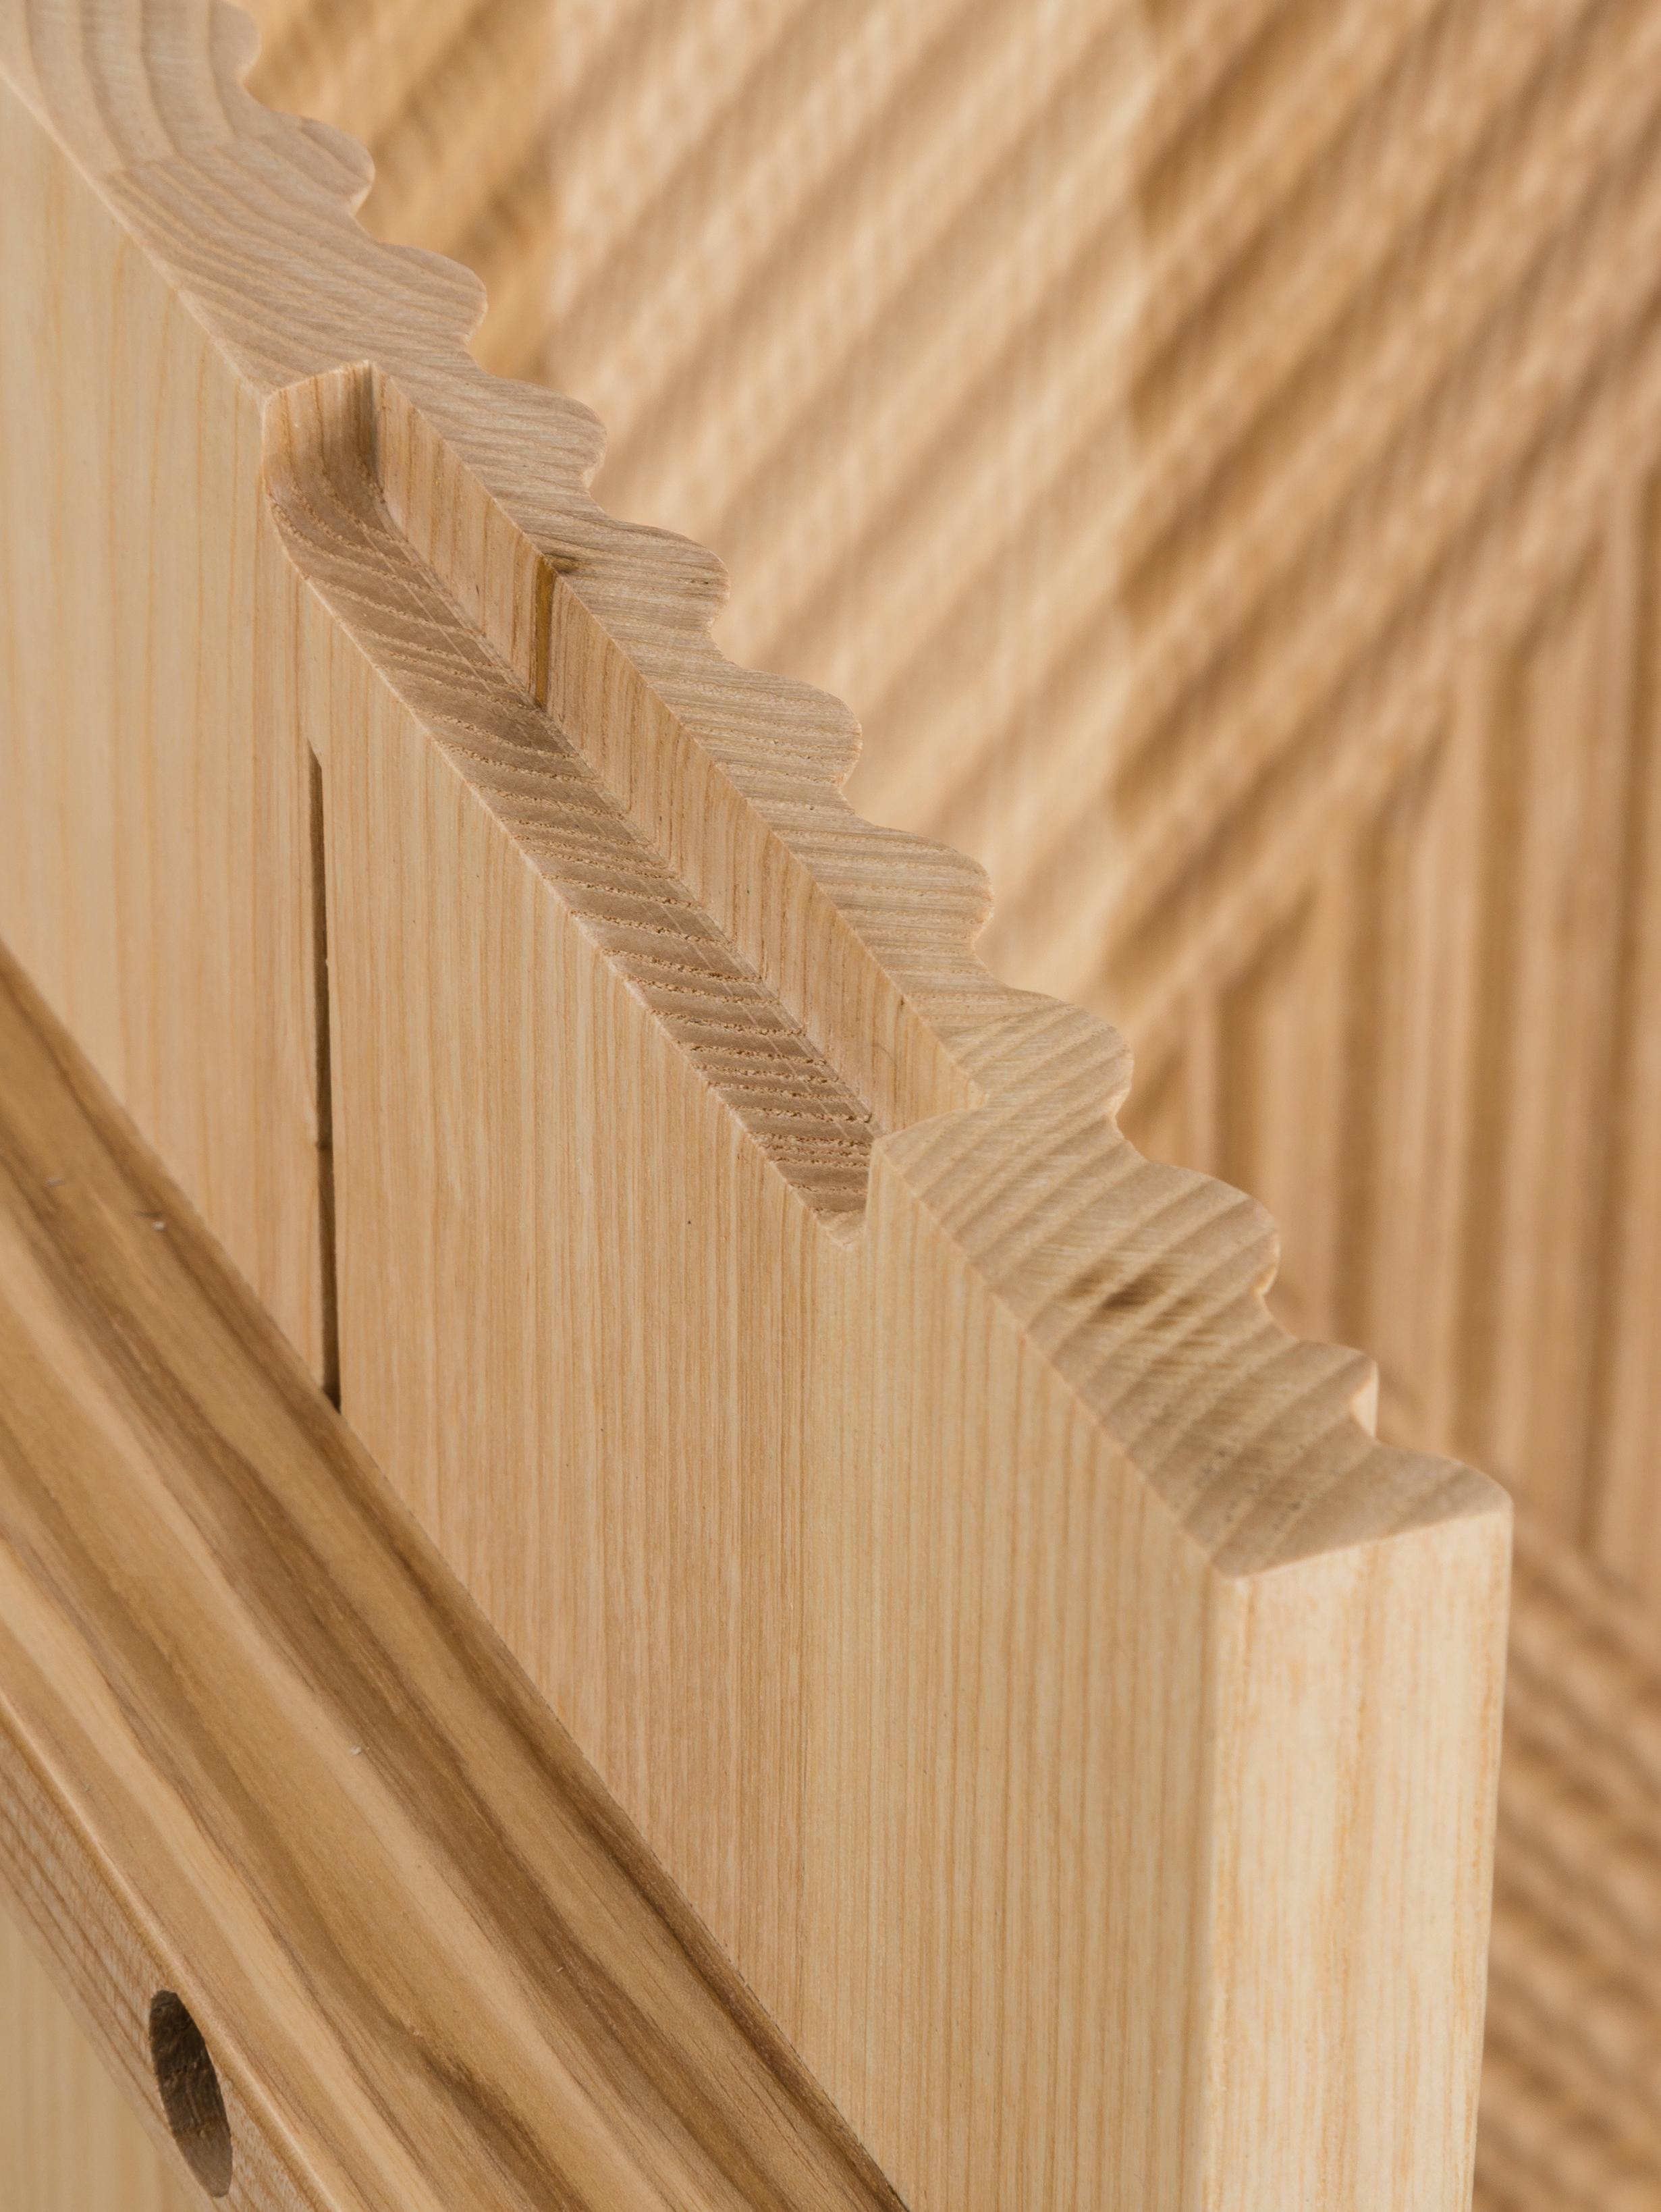 Sideboard Louis aus Massivholz, Massives Eschenholz, lackiert, Eschenholz, 177 x 75 cm